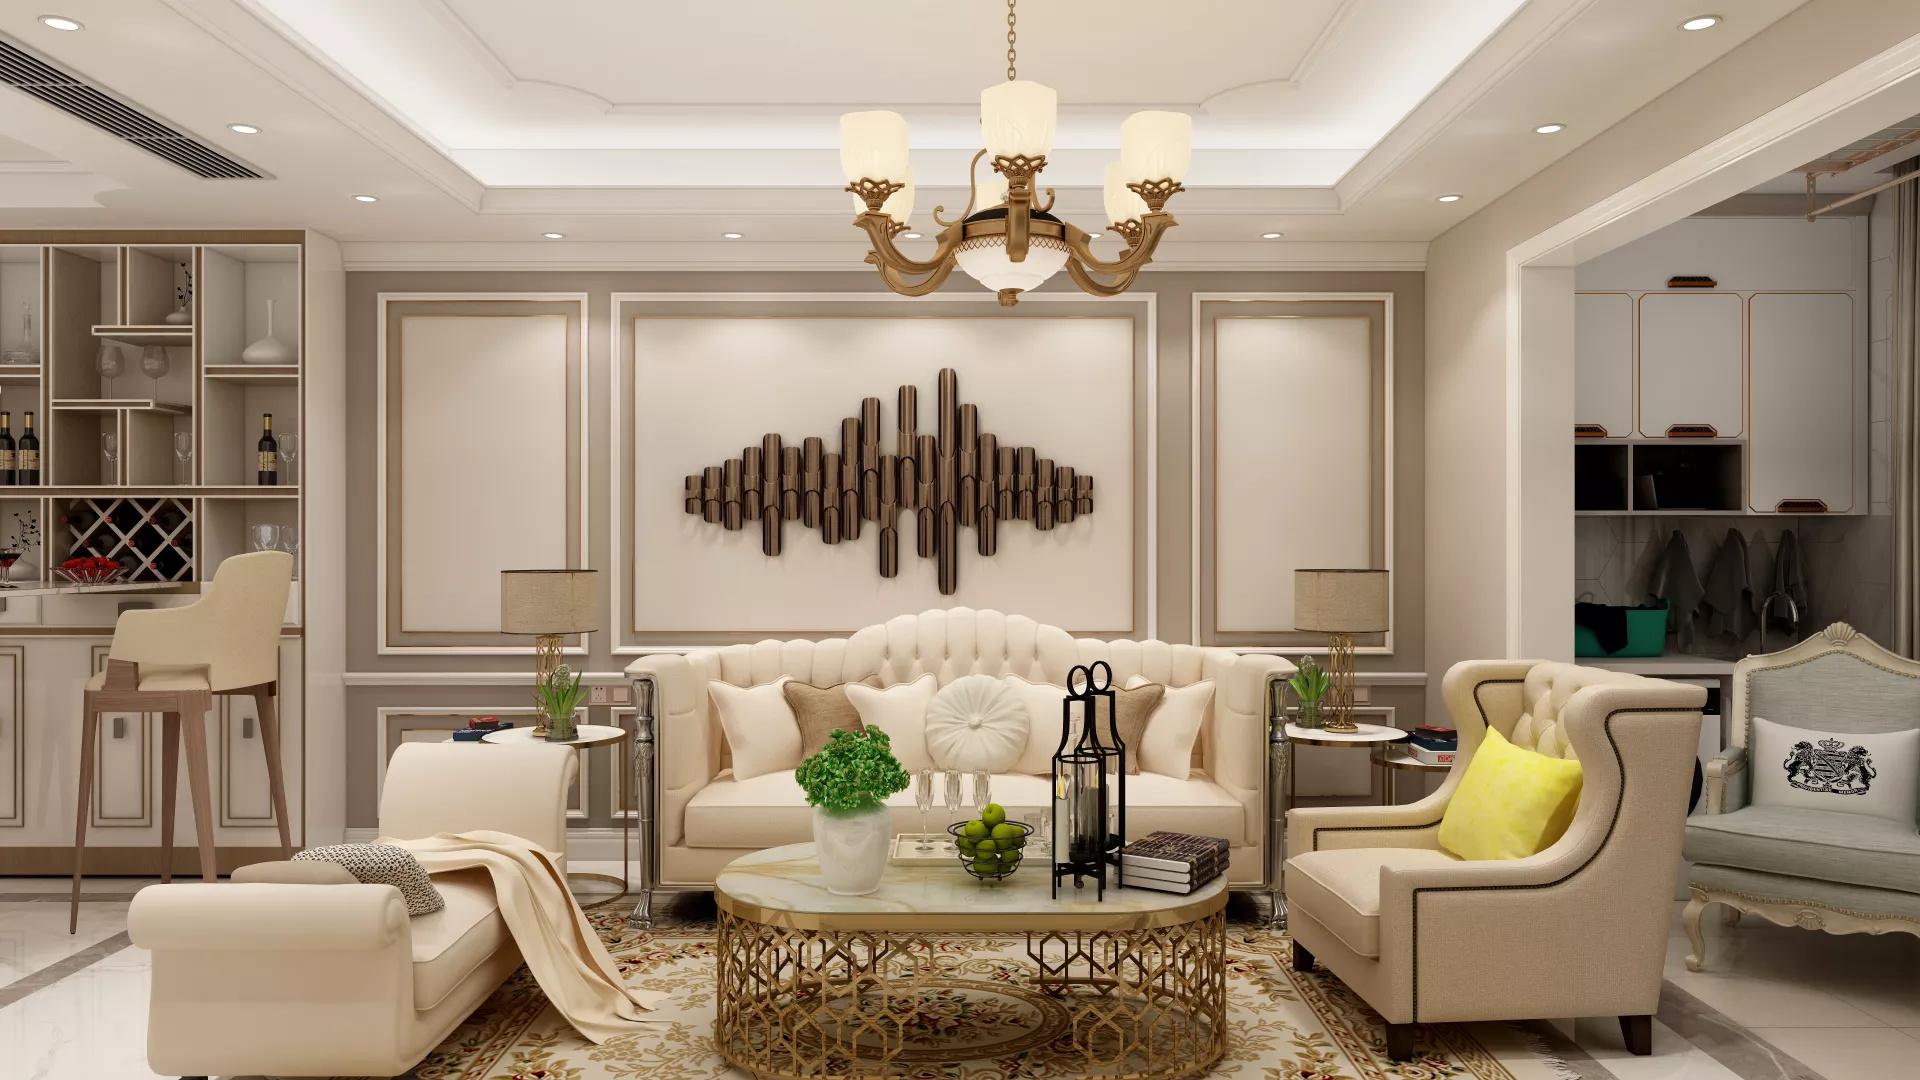 现代简约风格三居室家居设计装修效果图